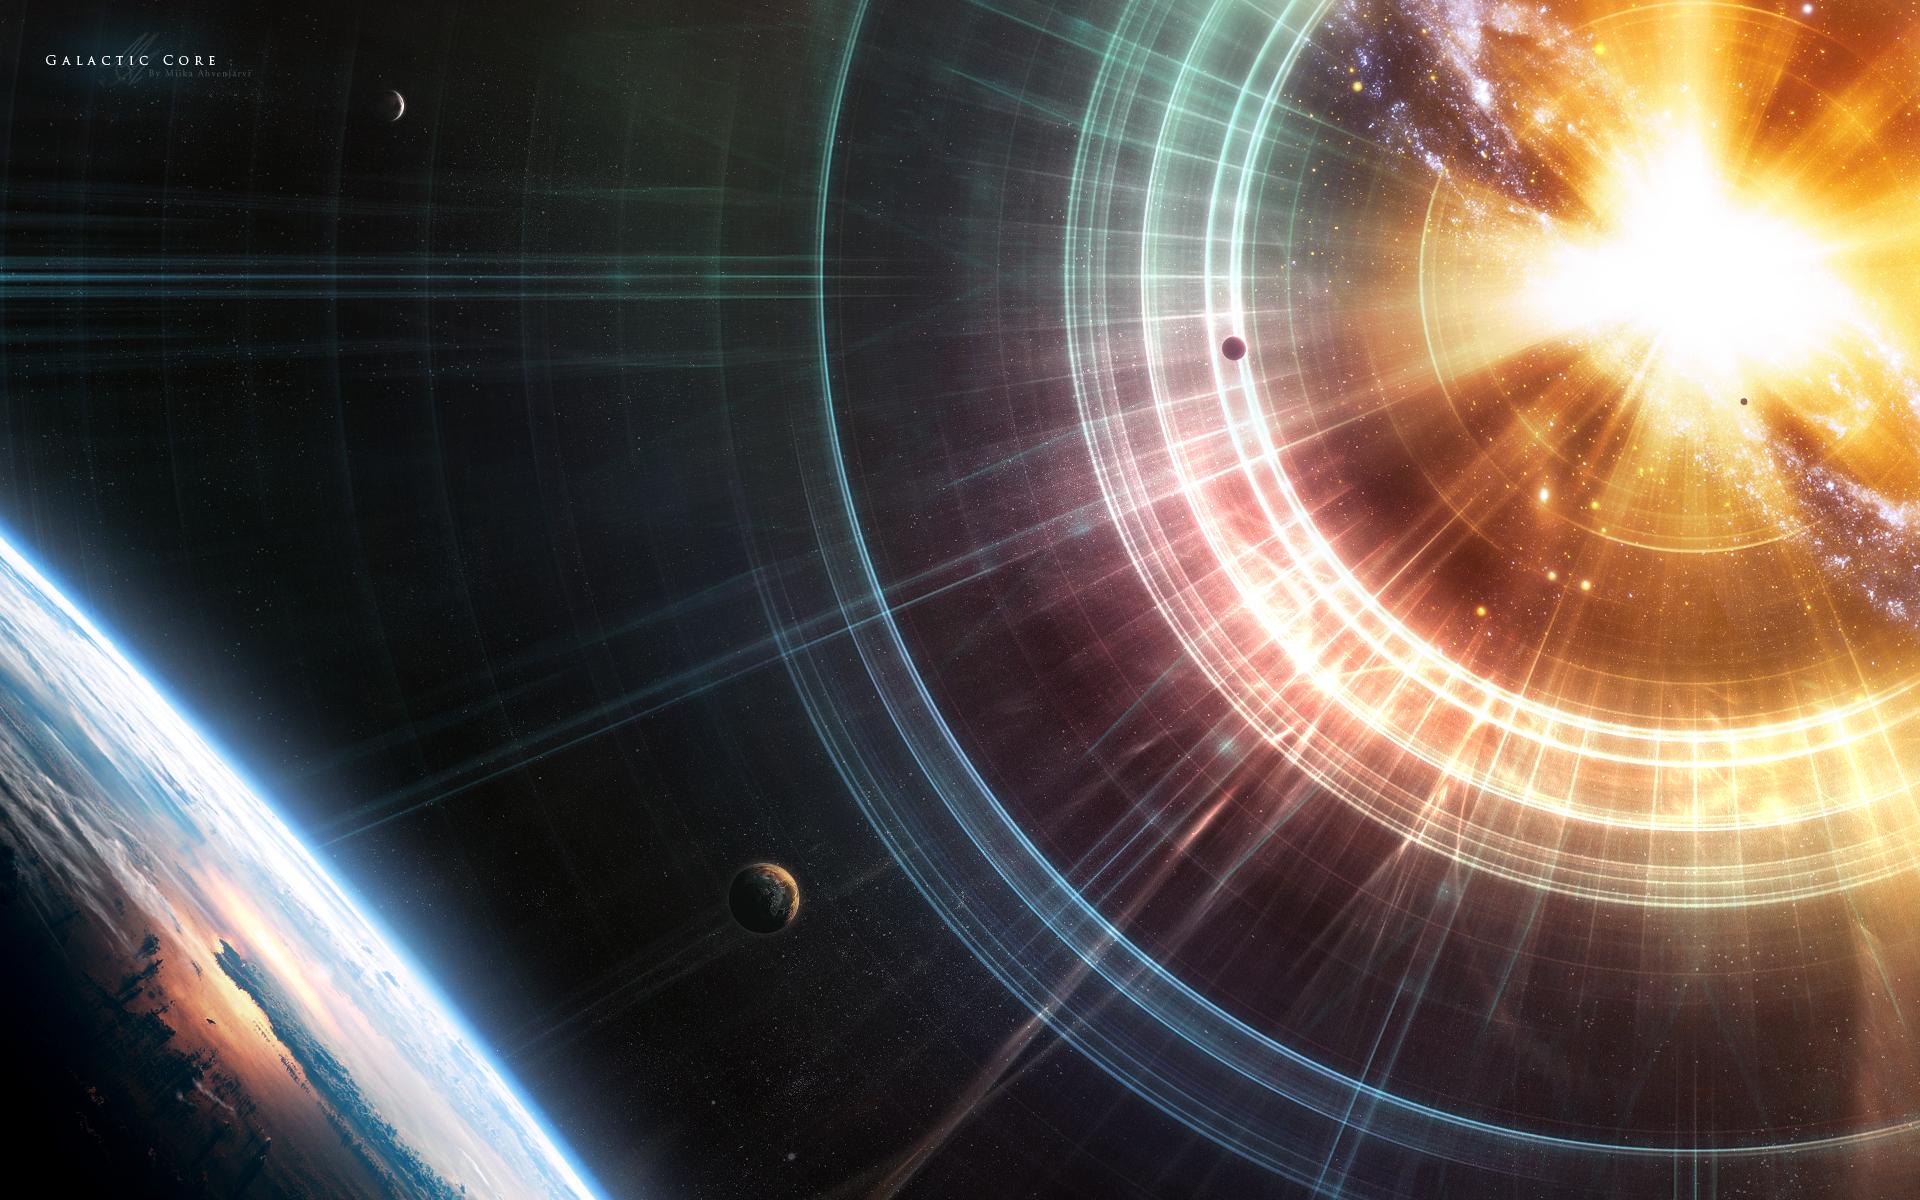 Обои Свечение планеты изнутри картинки на рабочий стол на тему Космос - скачать скачать